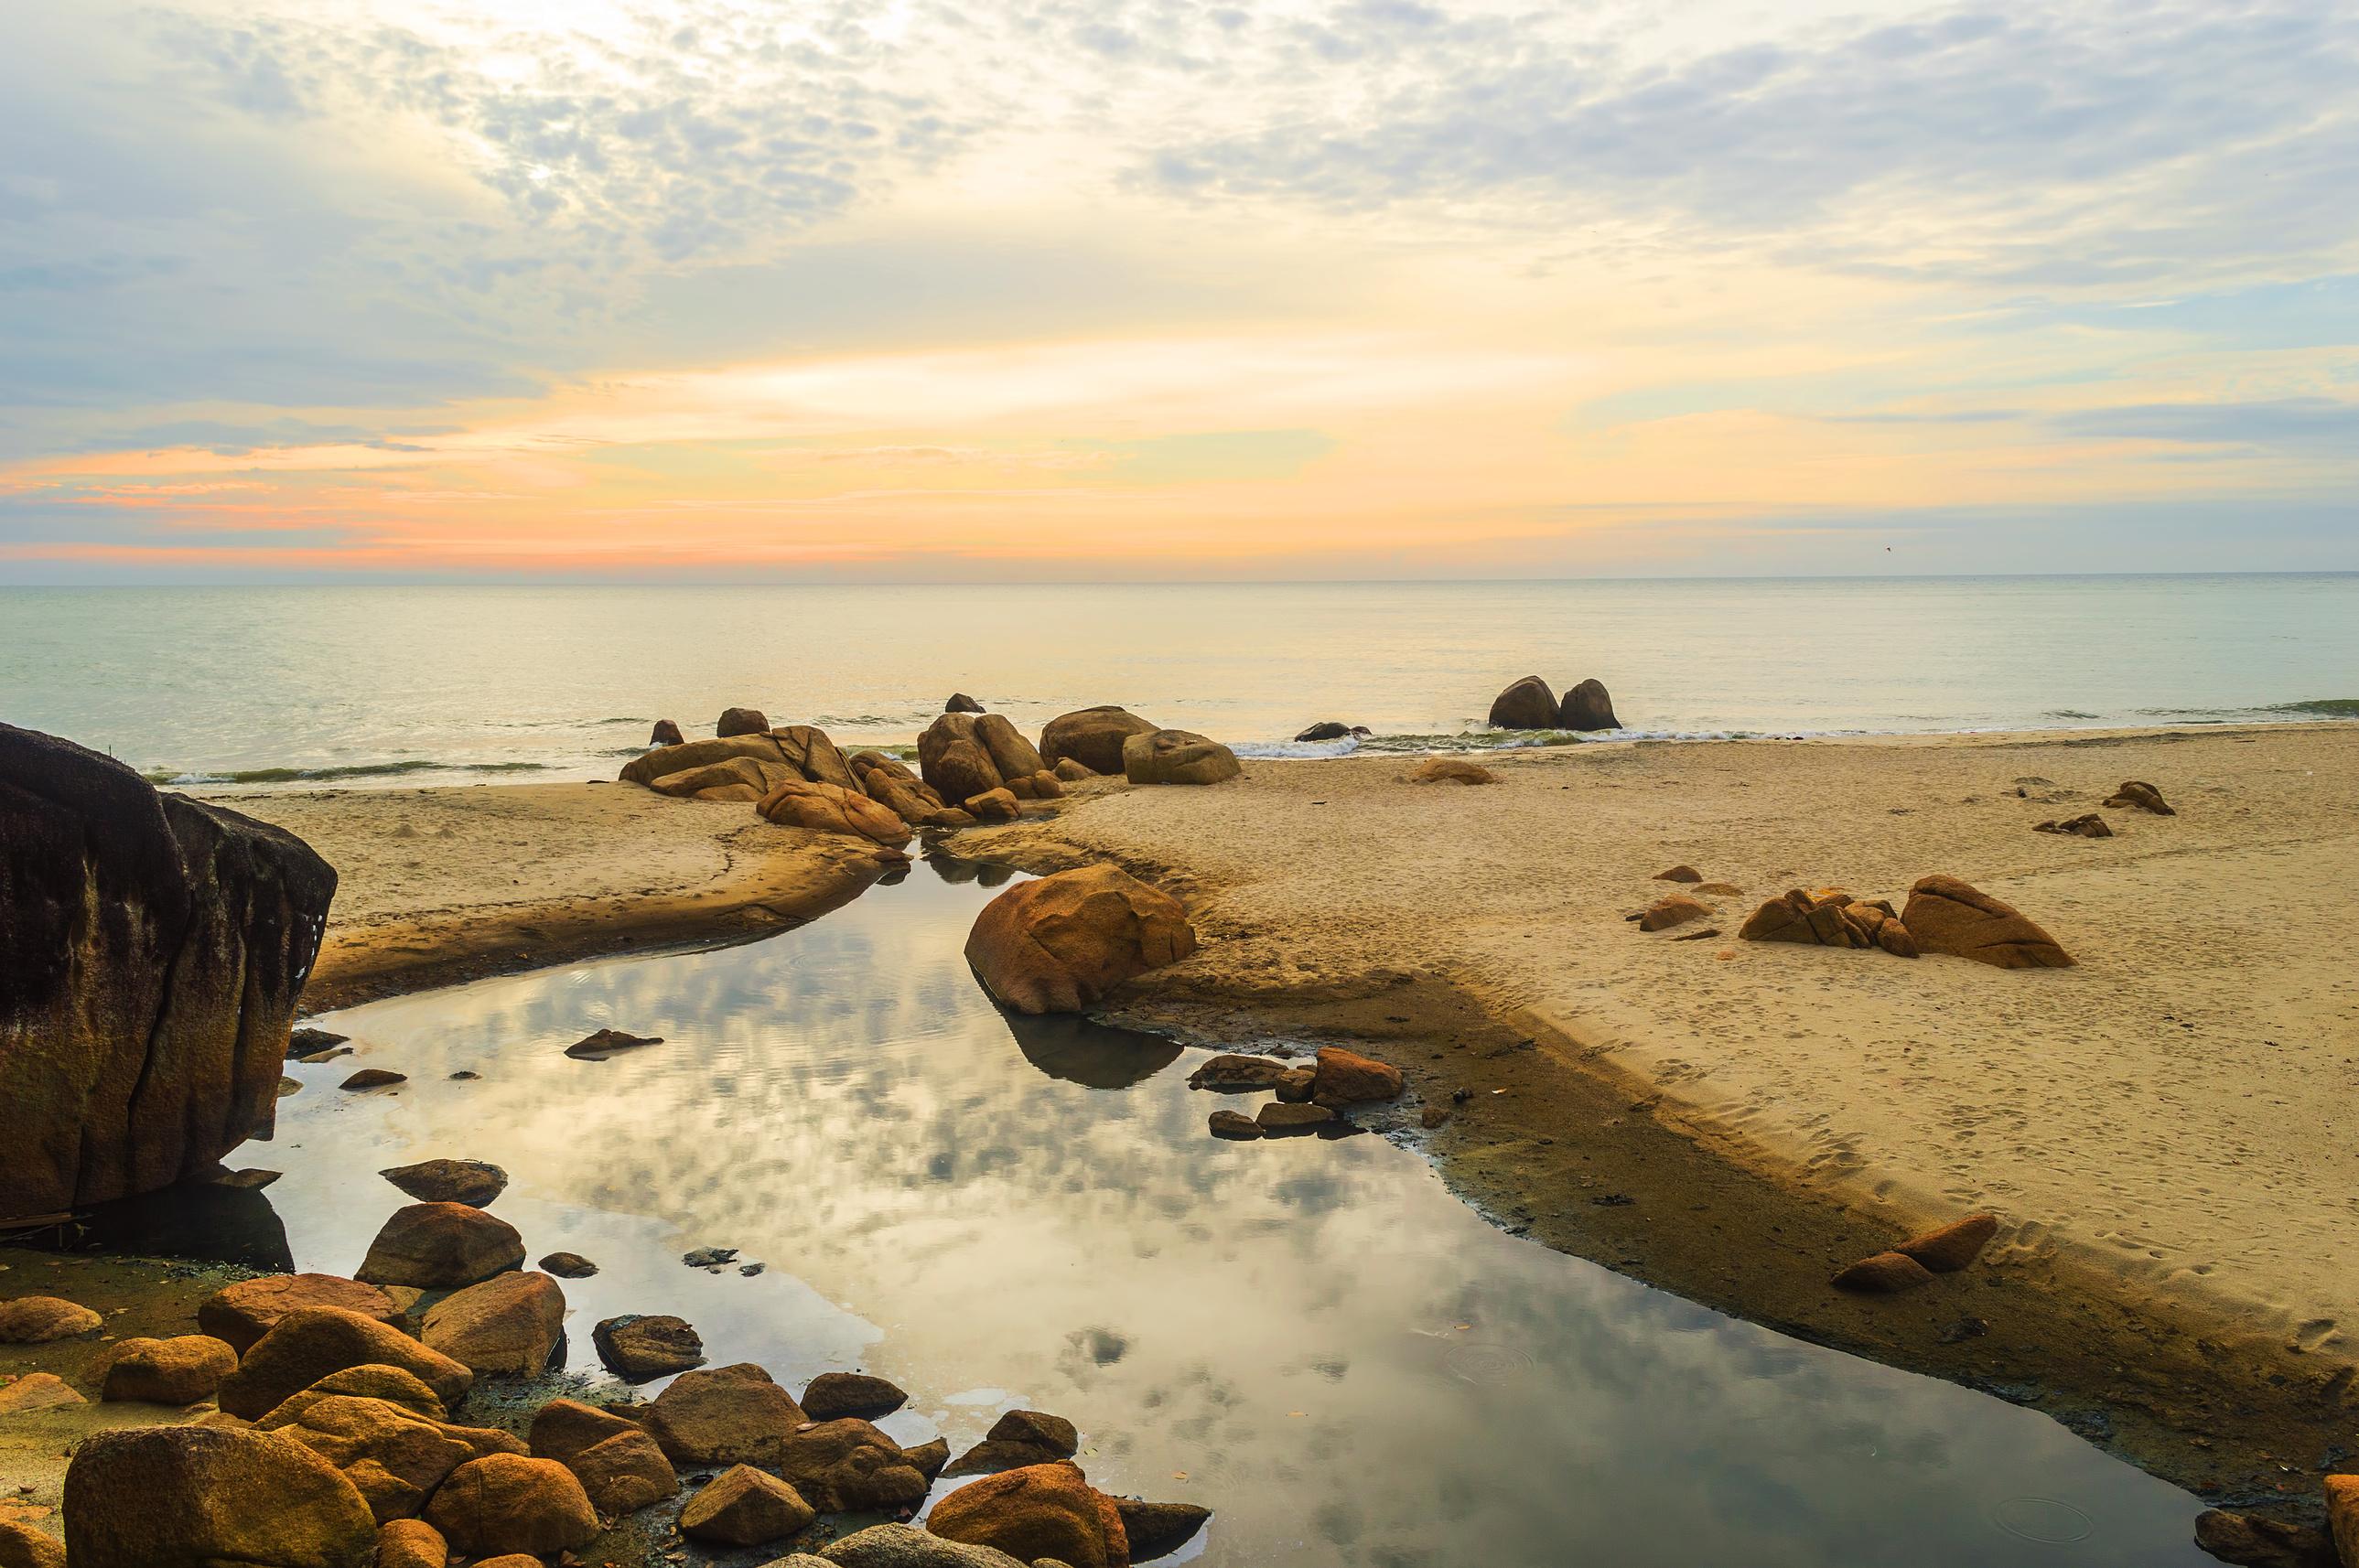 časy výchpdů a západů slunce se budou hodit všem krajinářským fotografům